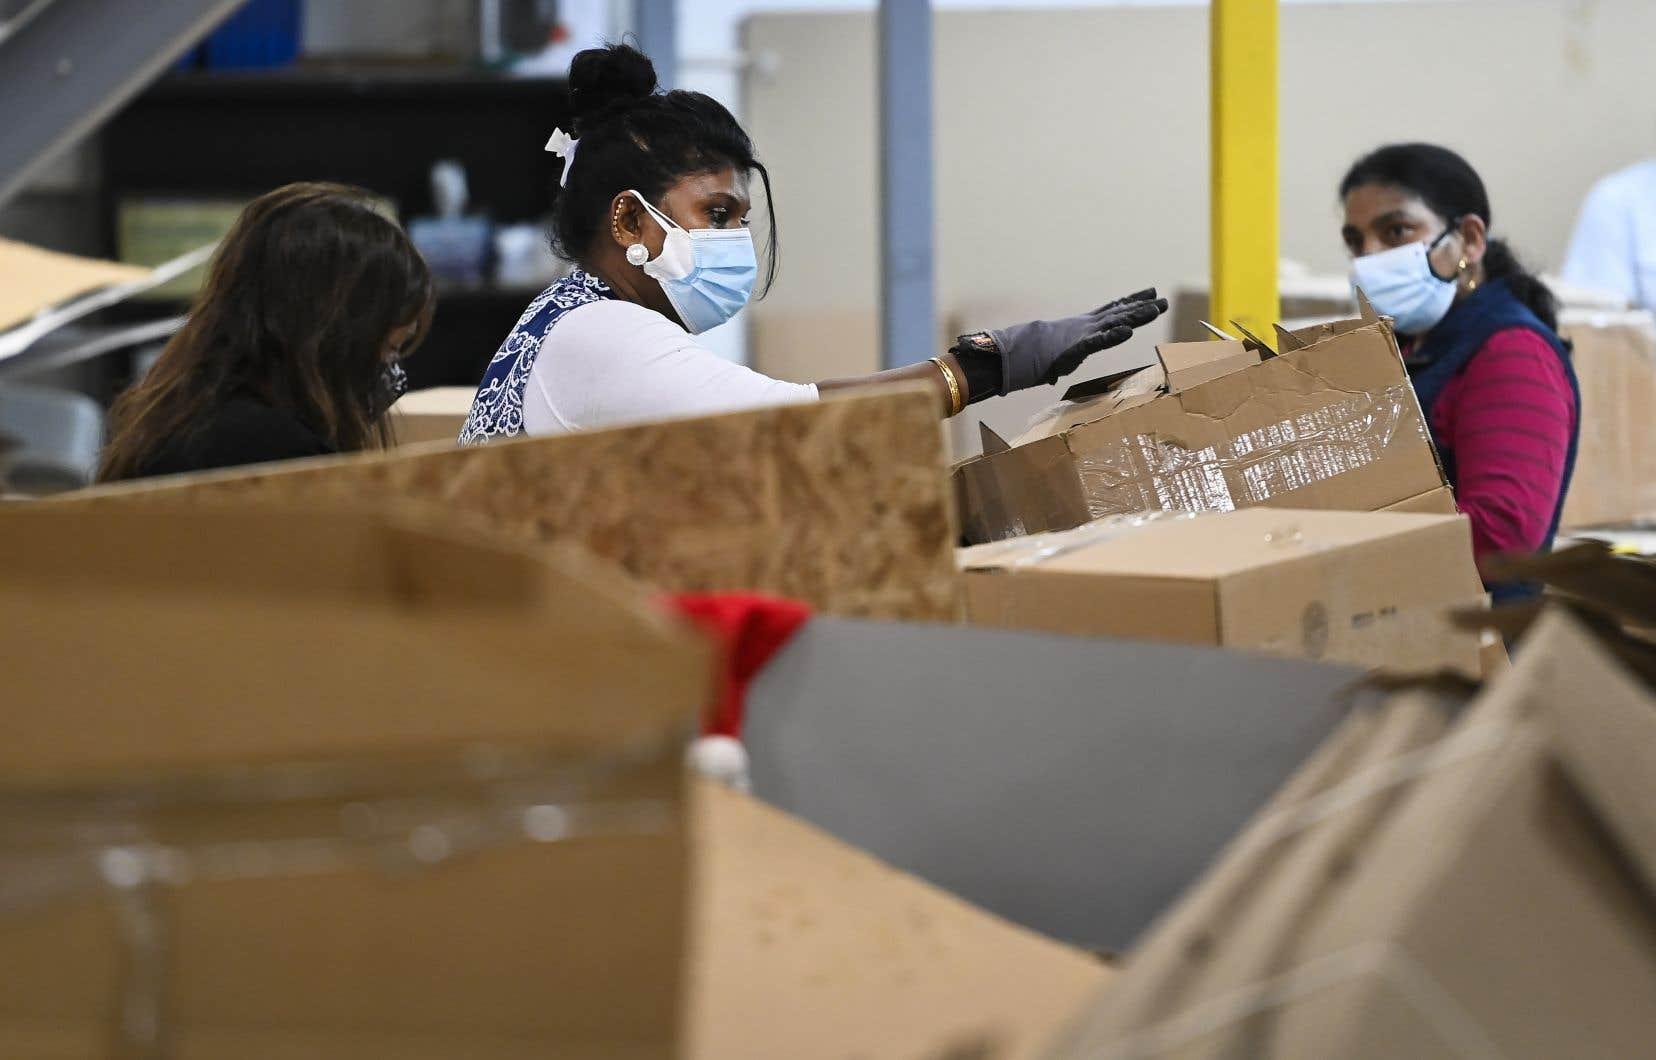 Selon la CSD, le secteur manufacturier doit être ramené au cœur des négociations avec le gouvernement.